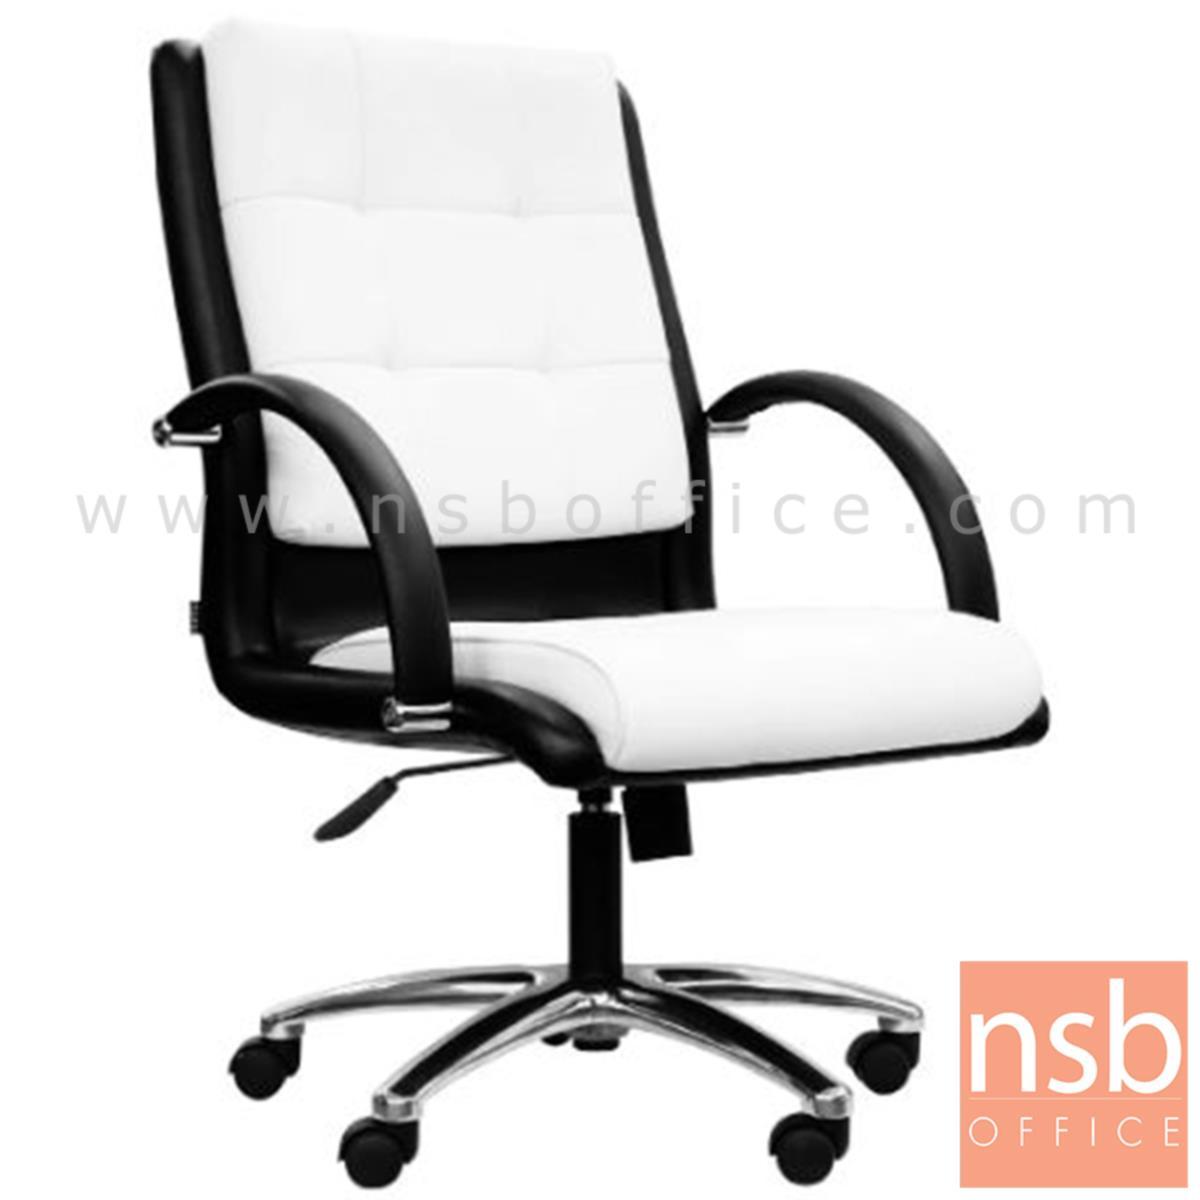 เก้าอี้สำนักงาน รุ่น CHAMOMILE (คาโมมายล์)  มีก้อนโยก ขาอลูมิเนียม